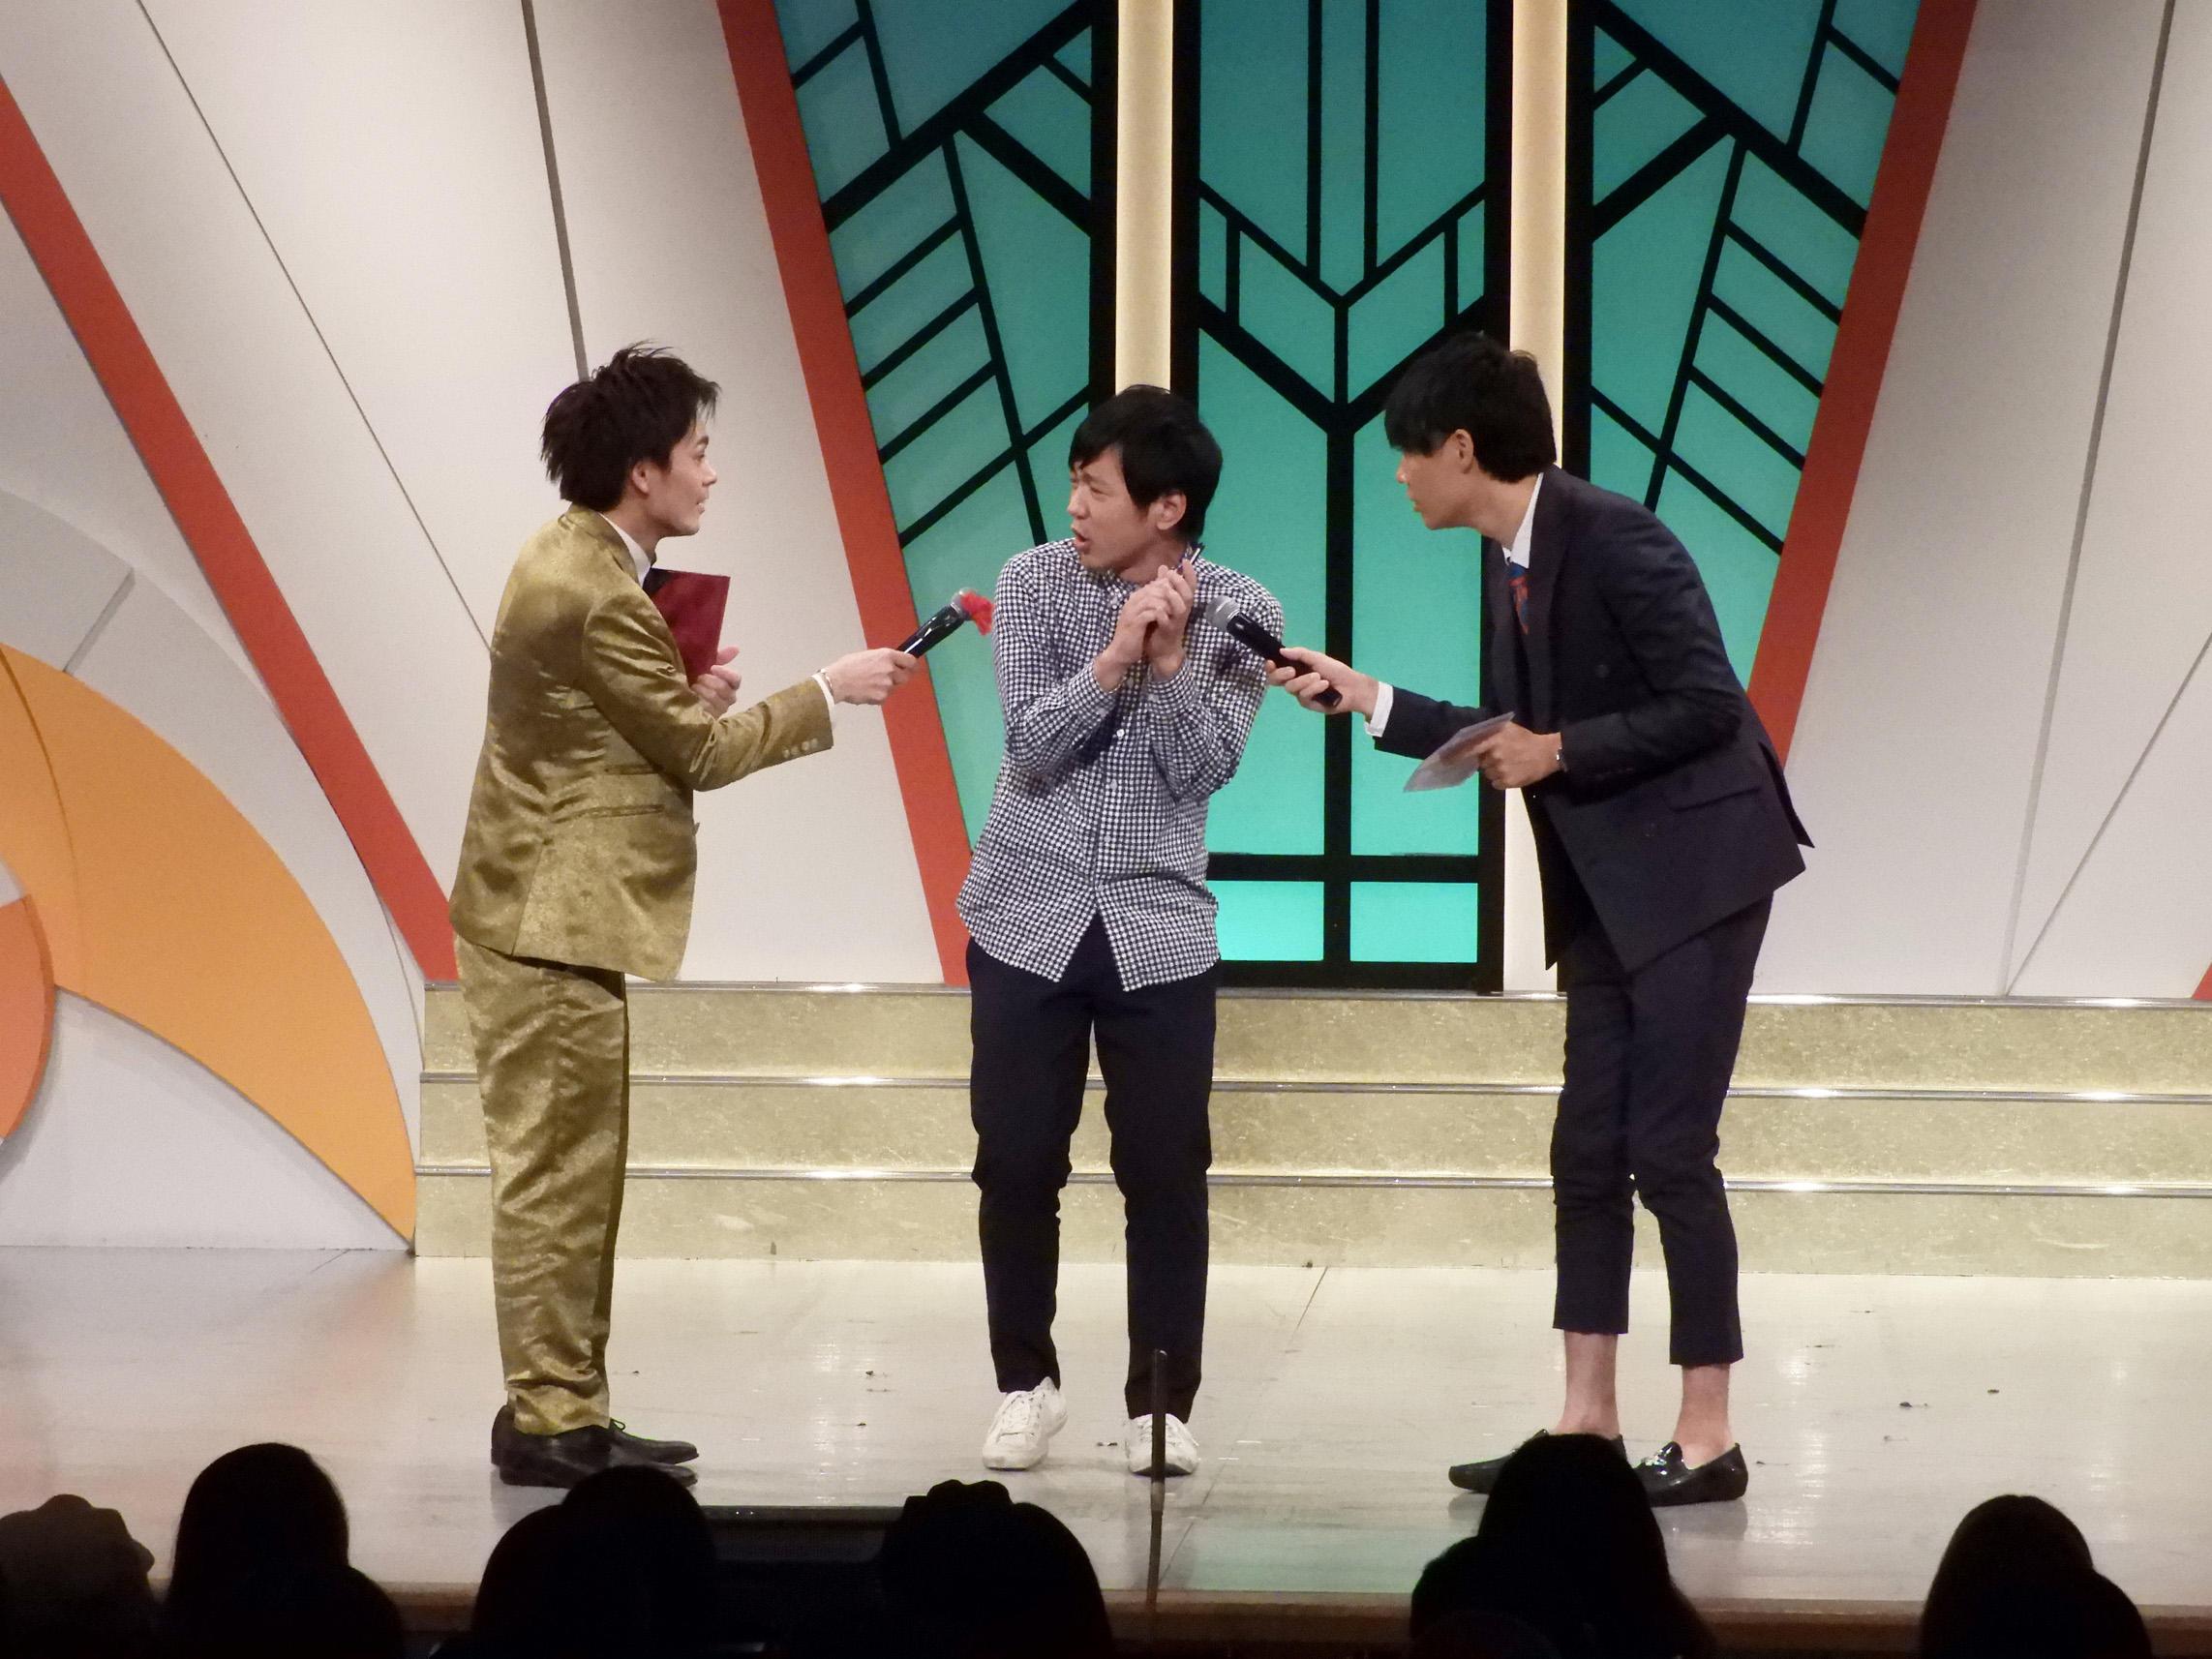 http://news.yoshimoto.co.jp/20180914111413-e7ed62c4d9c82a78222d933f821fcec298c03ded.jpg